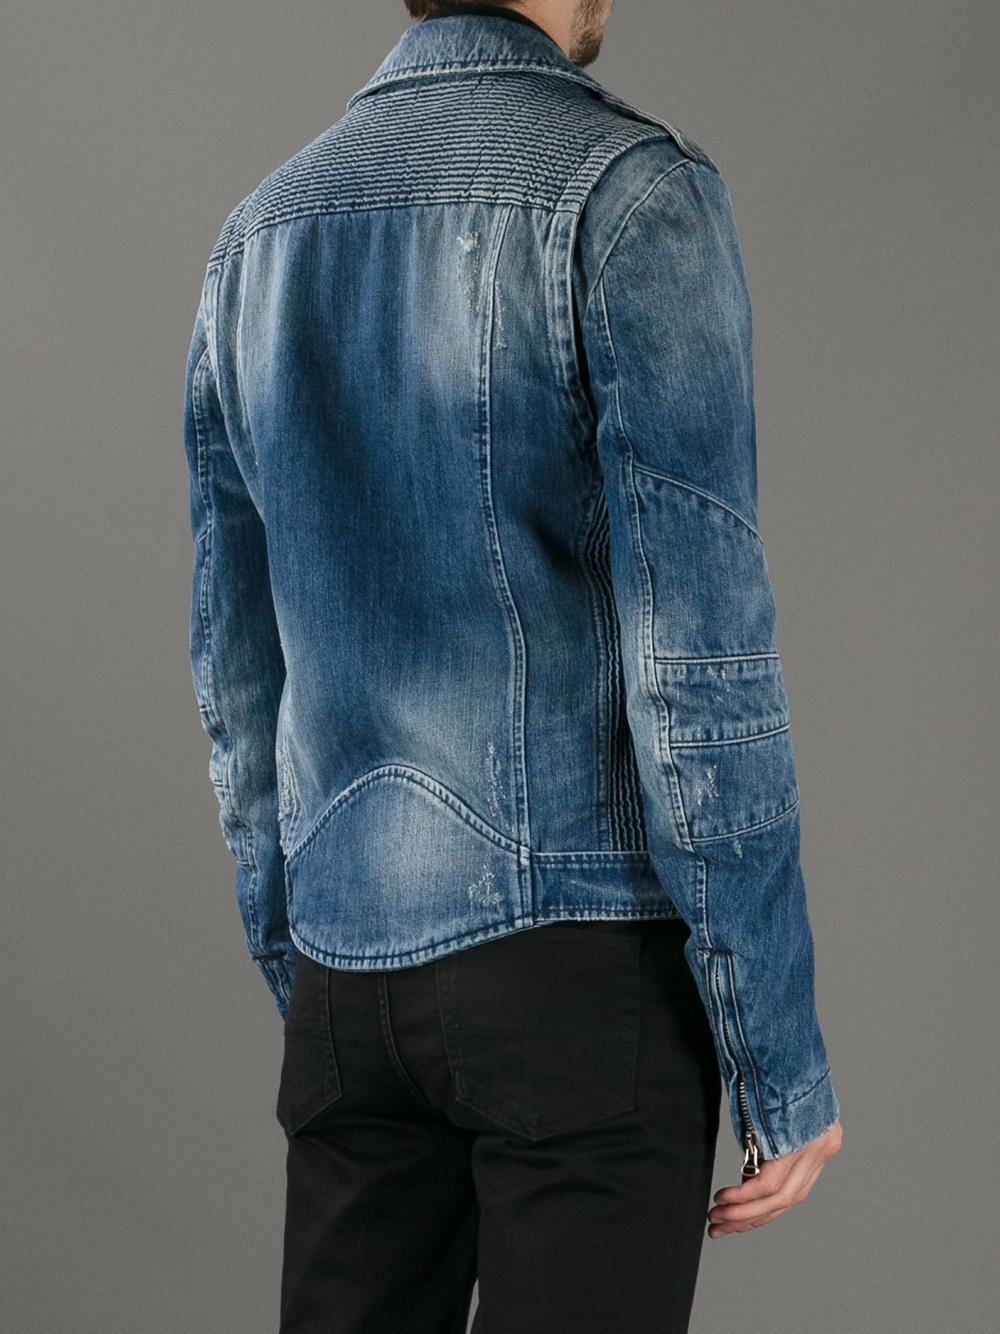 Find denim biker jacket from a vast selection of Clothing for Men. Get great deals on eBay!